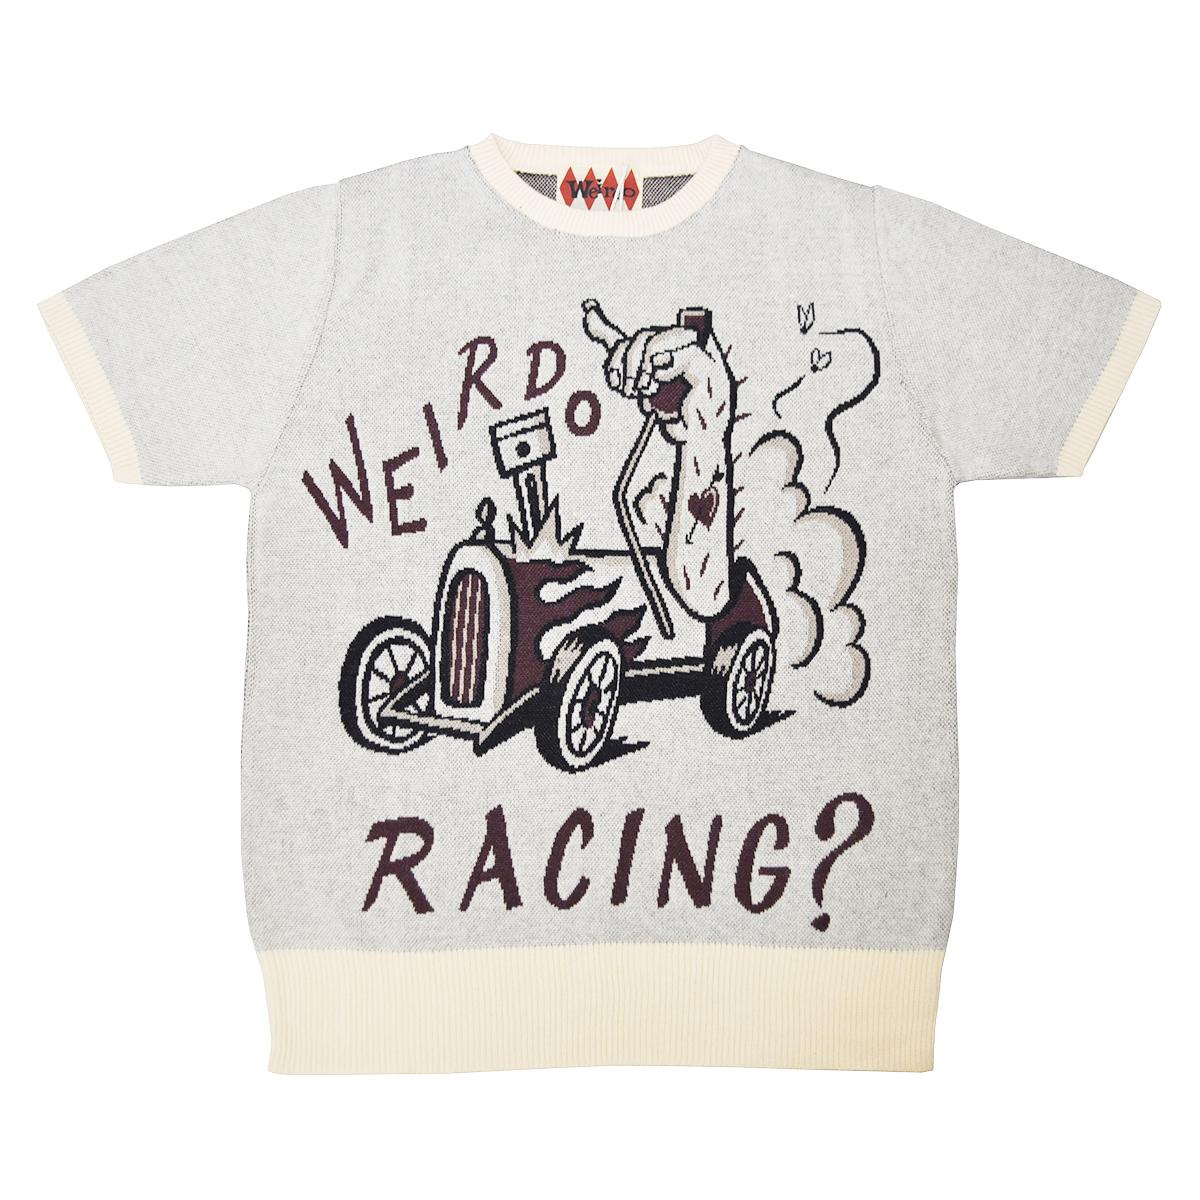 【残りS・Mサイズのみ】WEIRDO WRD ROD - S/S SWEATER (RACING?/IVORY)ウィアード 半袖セーター/サマーニット/GLADHAND【GANGSTERVILLE/ギャングスタービル/OLD CROW/オールドクロウ】